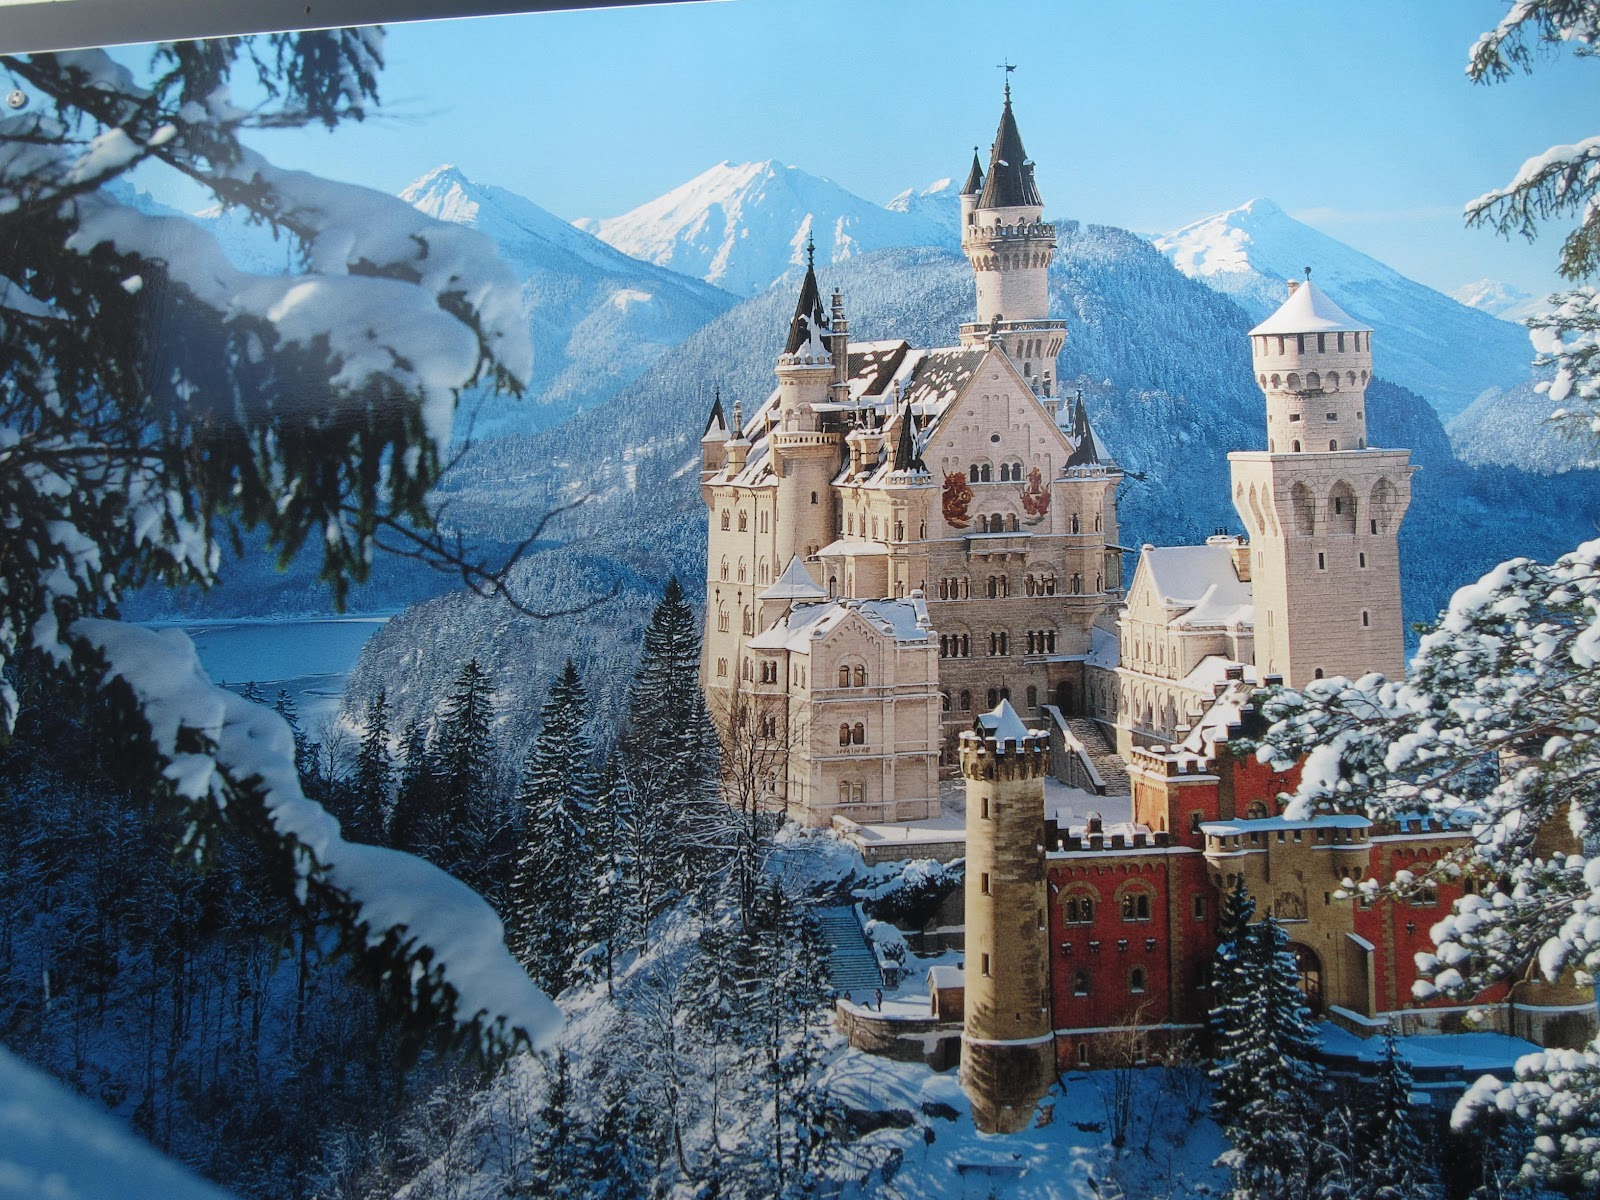 Neuschwanstein Castle Bus Tour From Munich